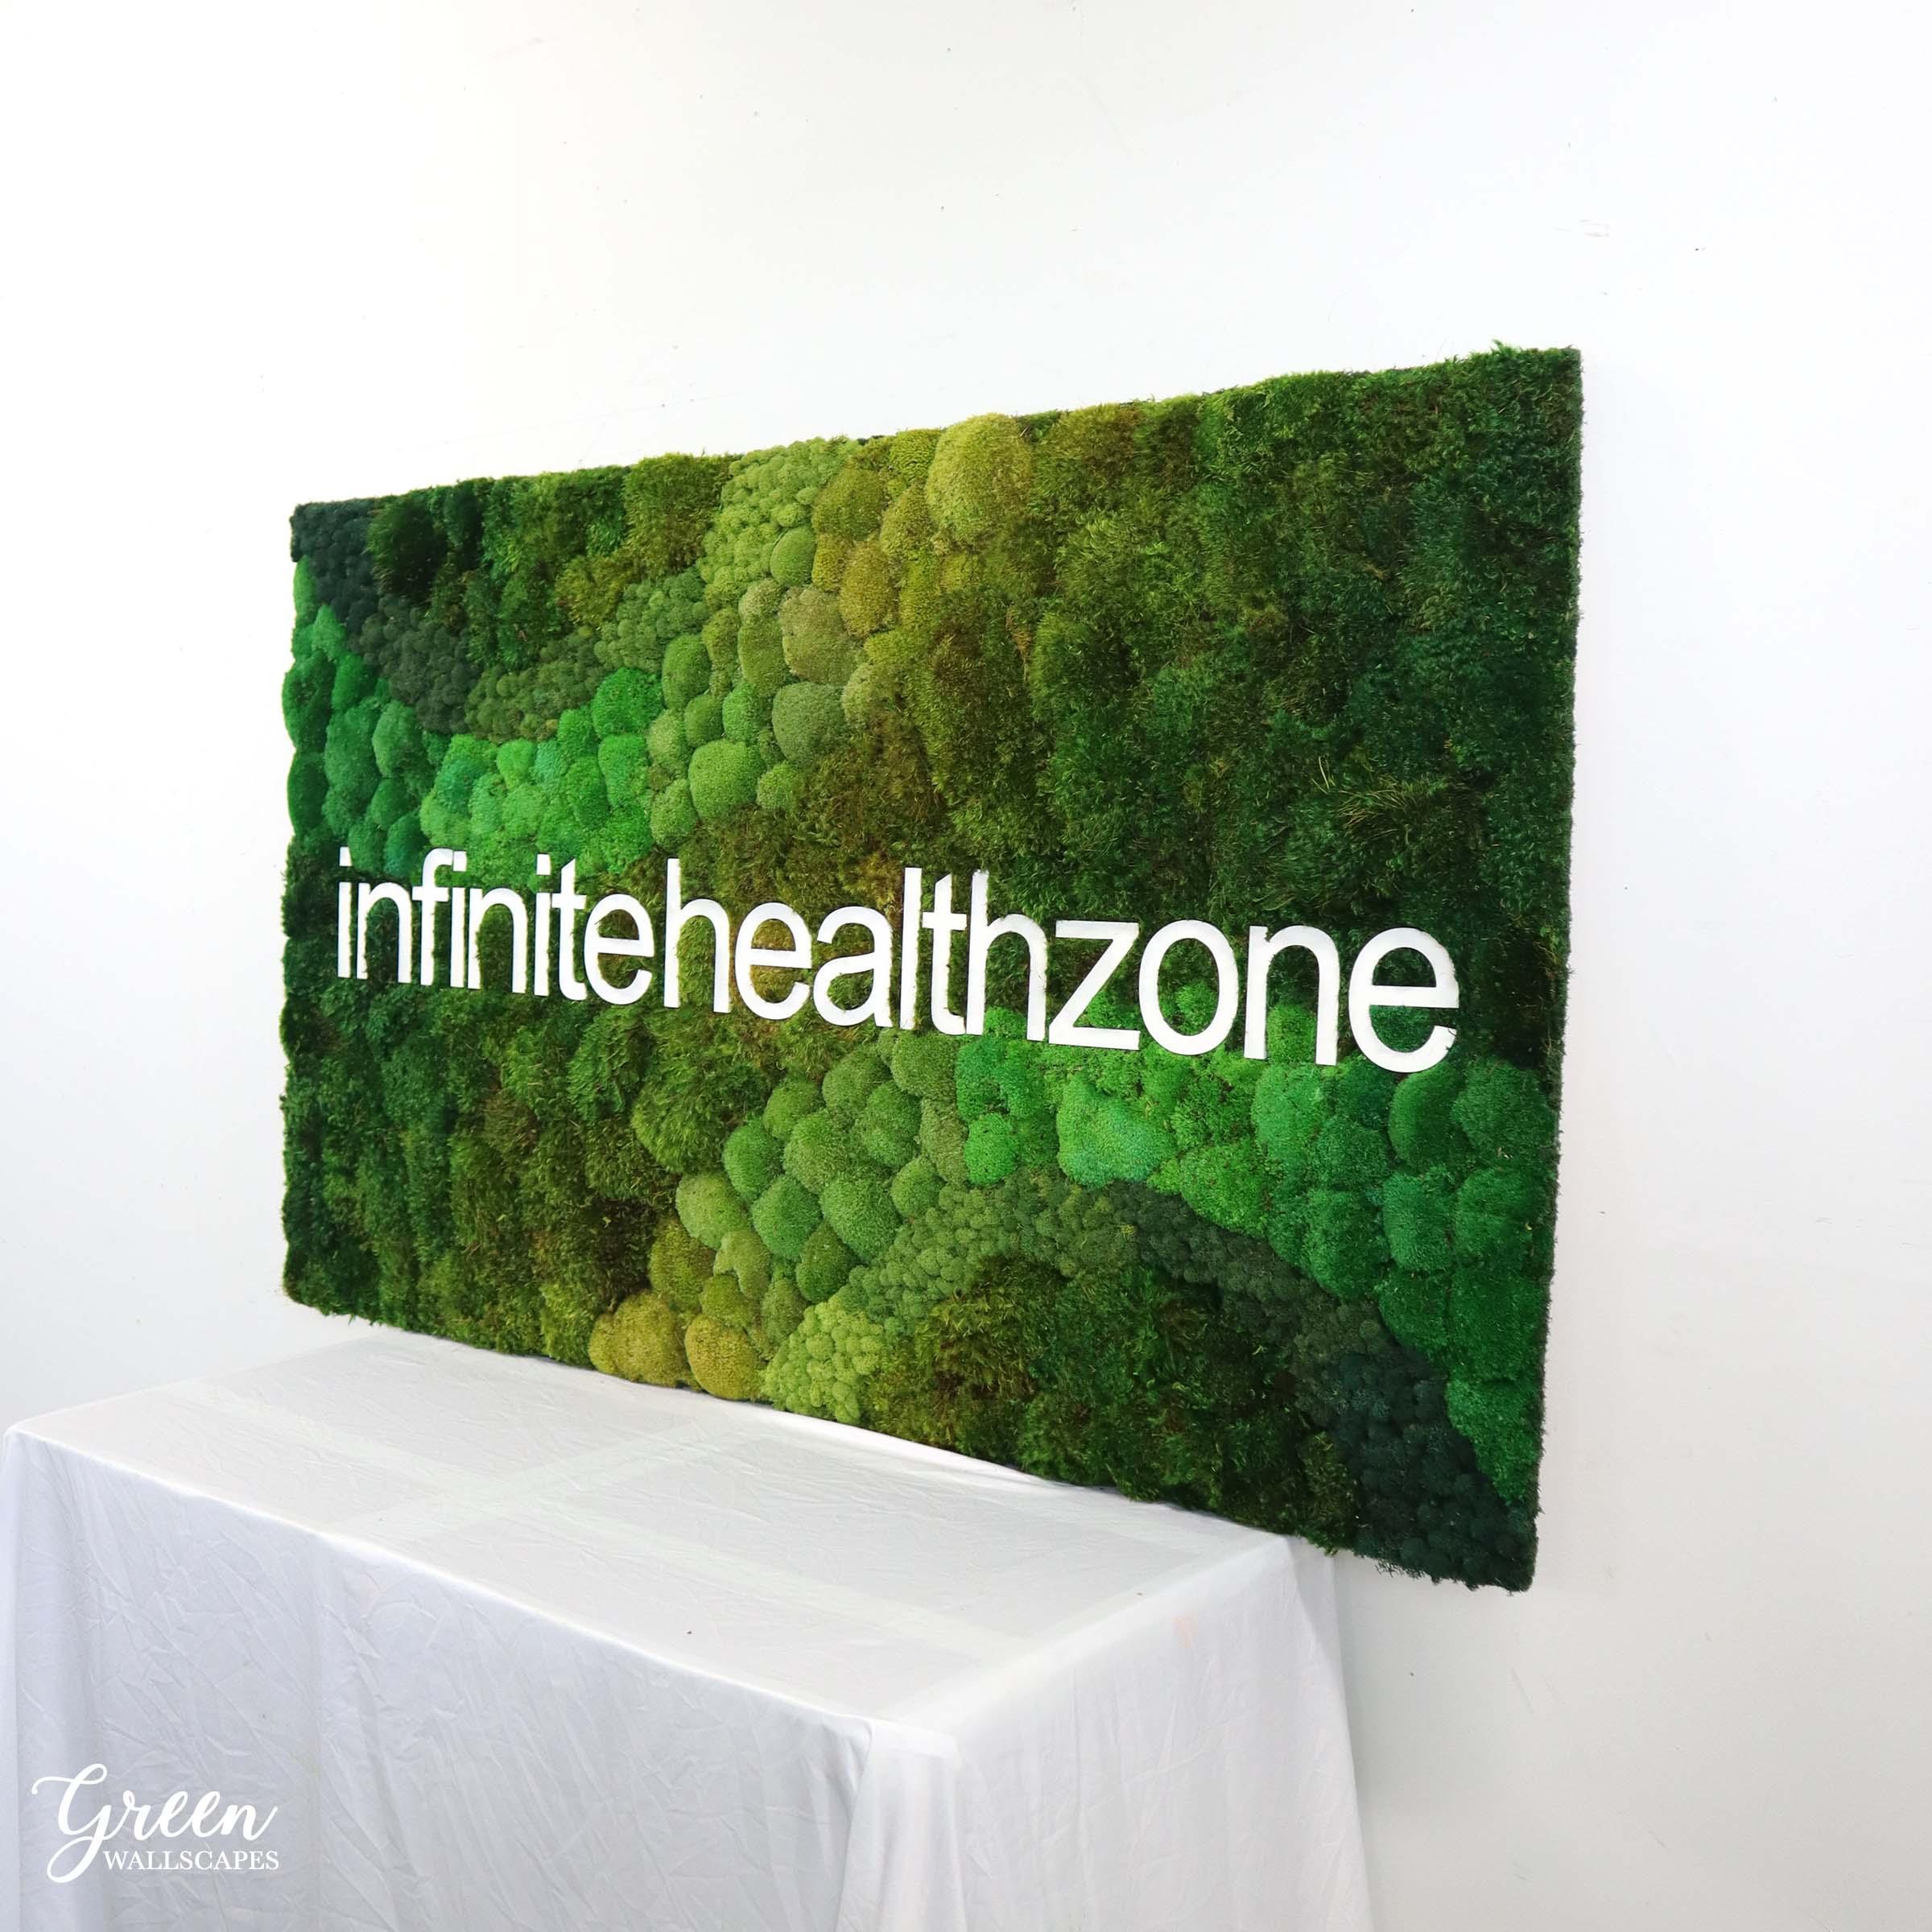 infinite_health_zone_photo_2.jpg